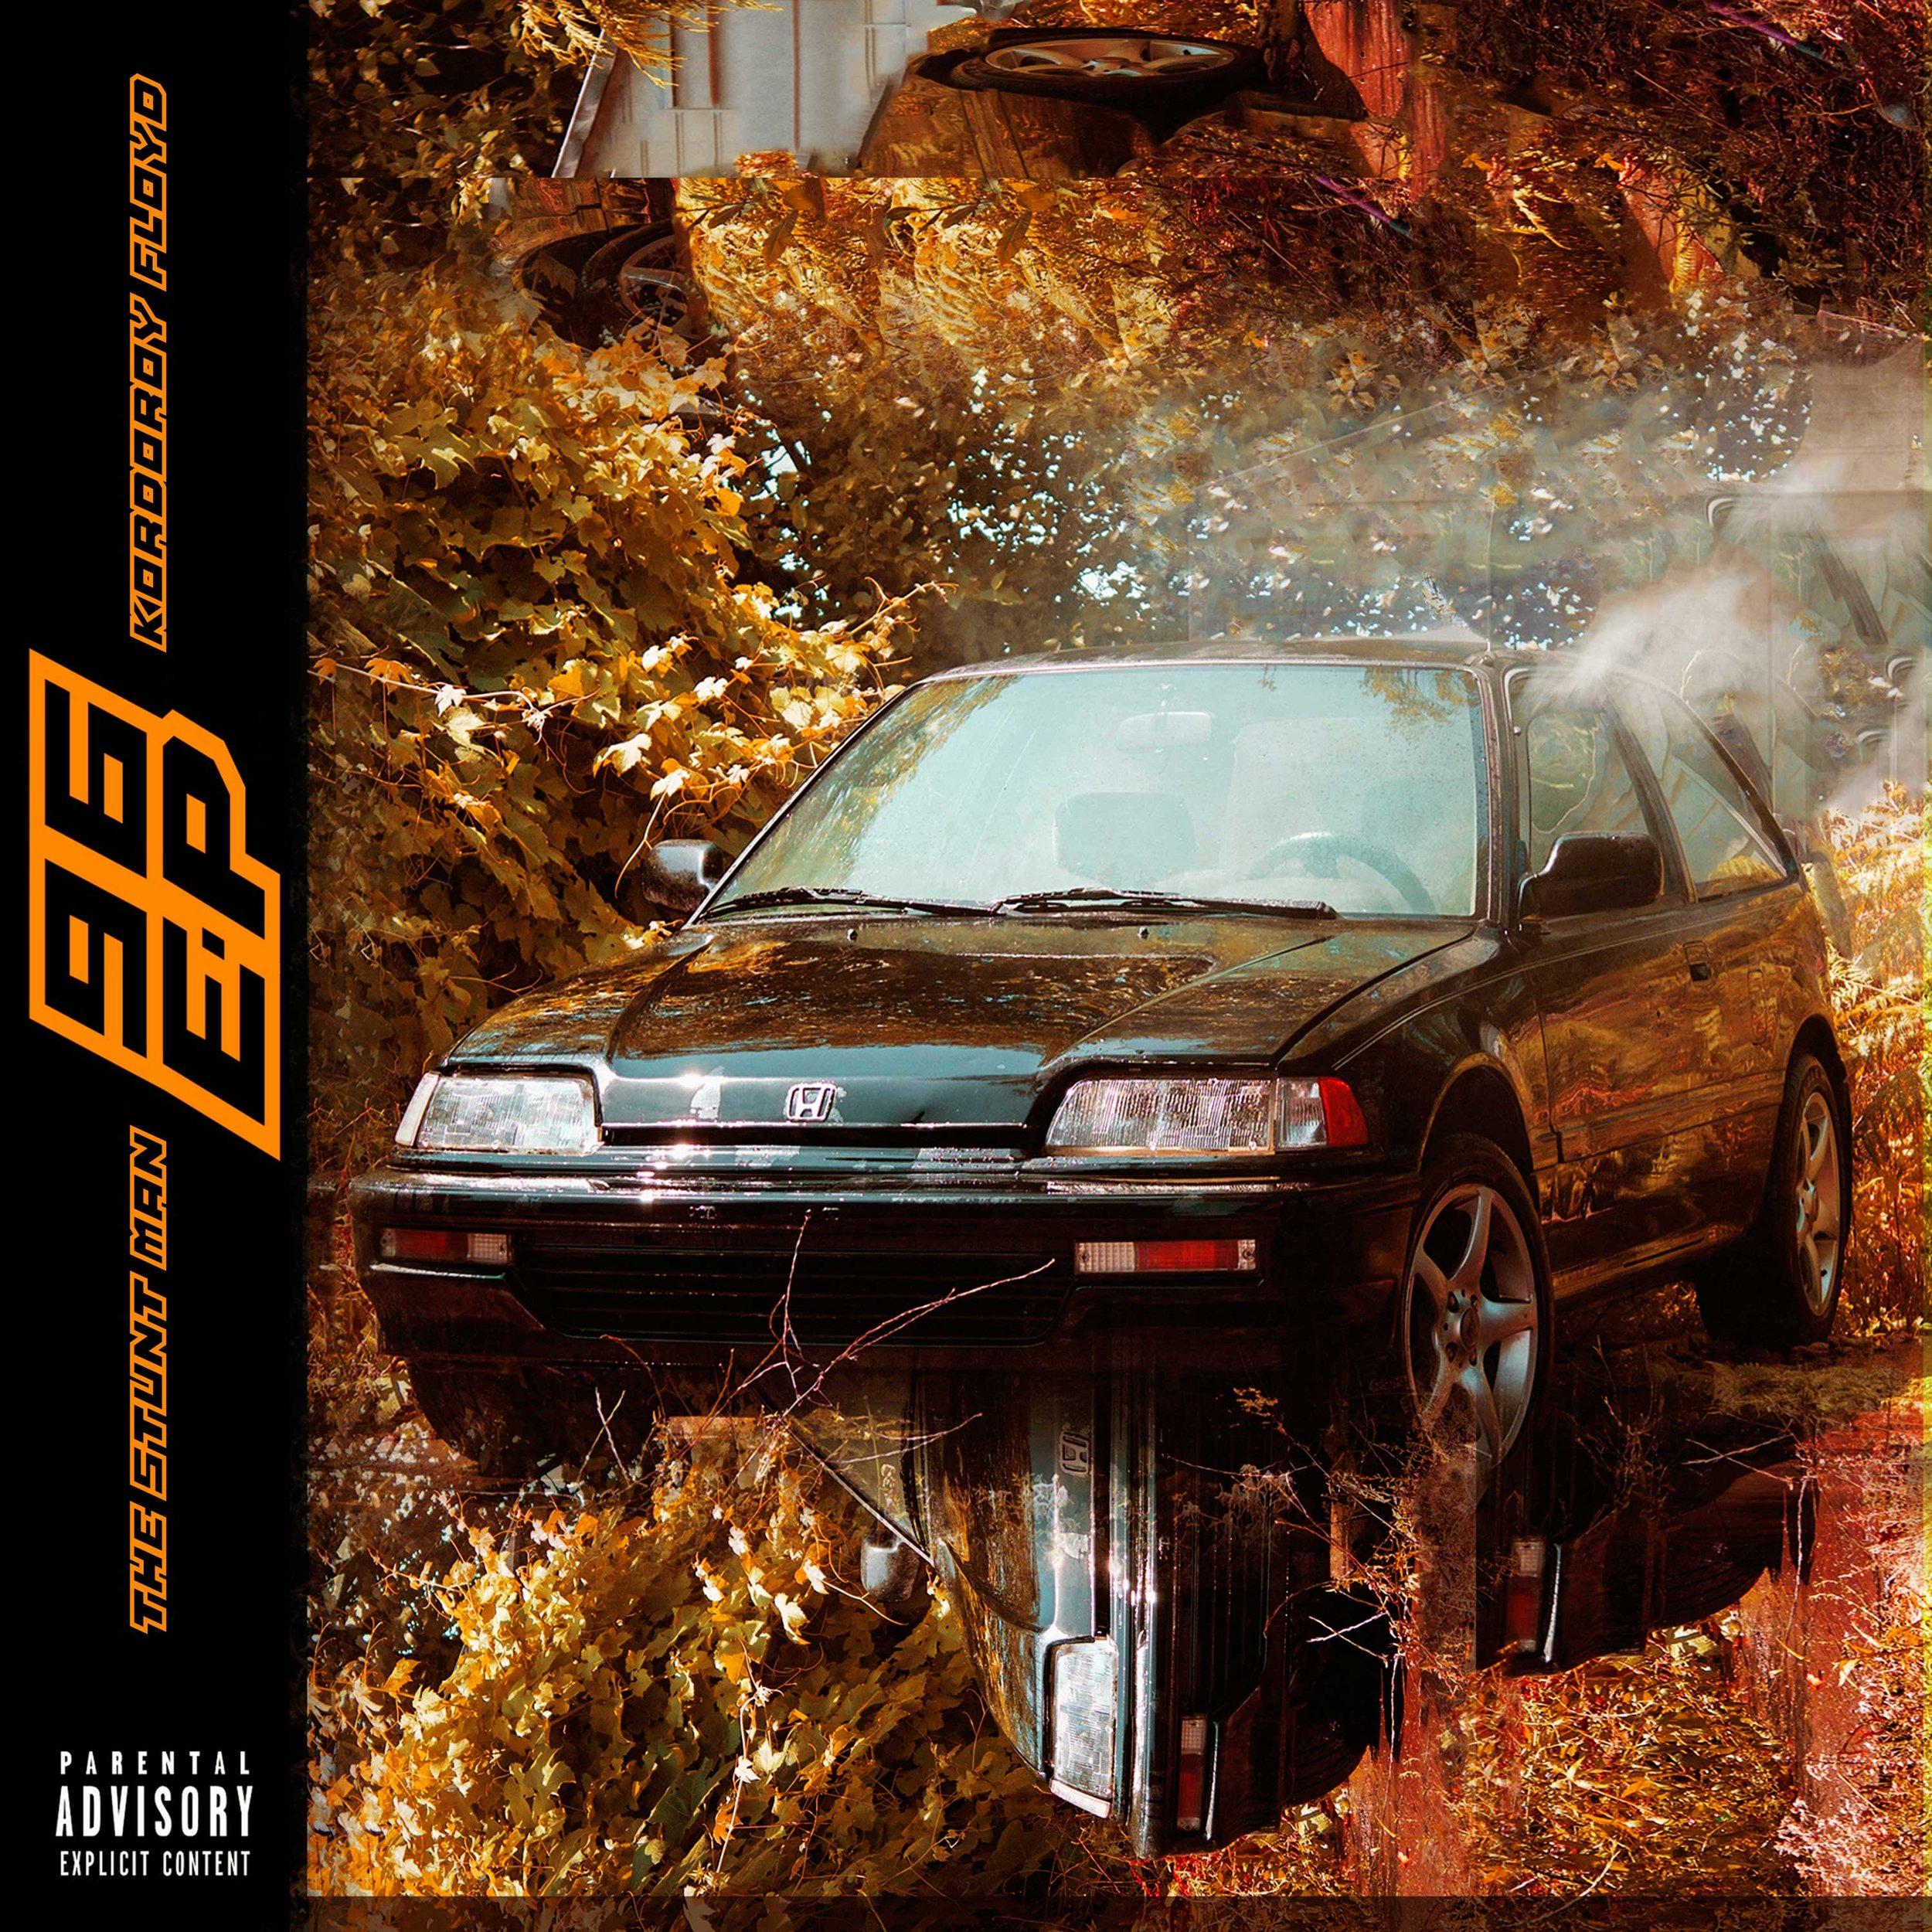 96-Front-Cover-jpg-med.jpg